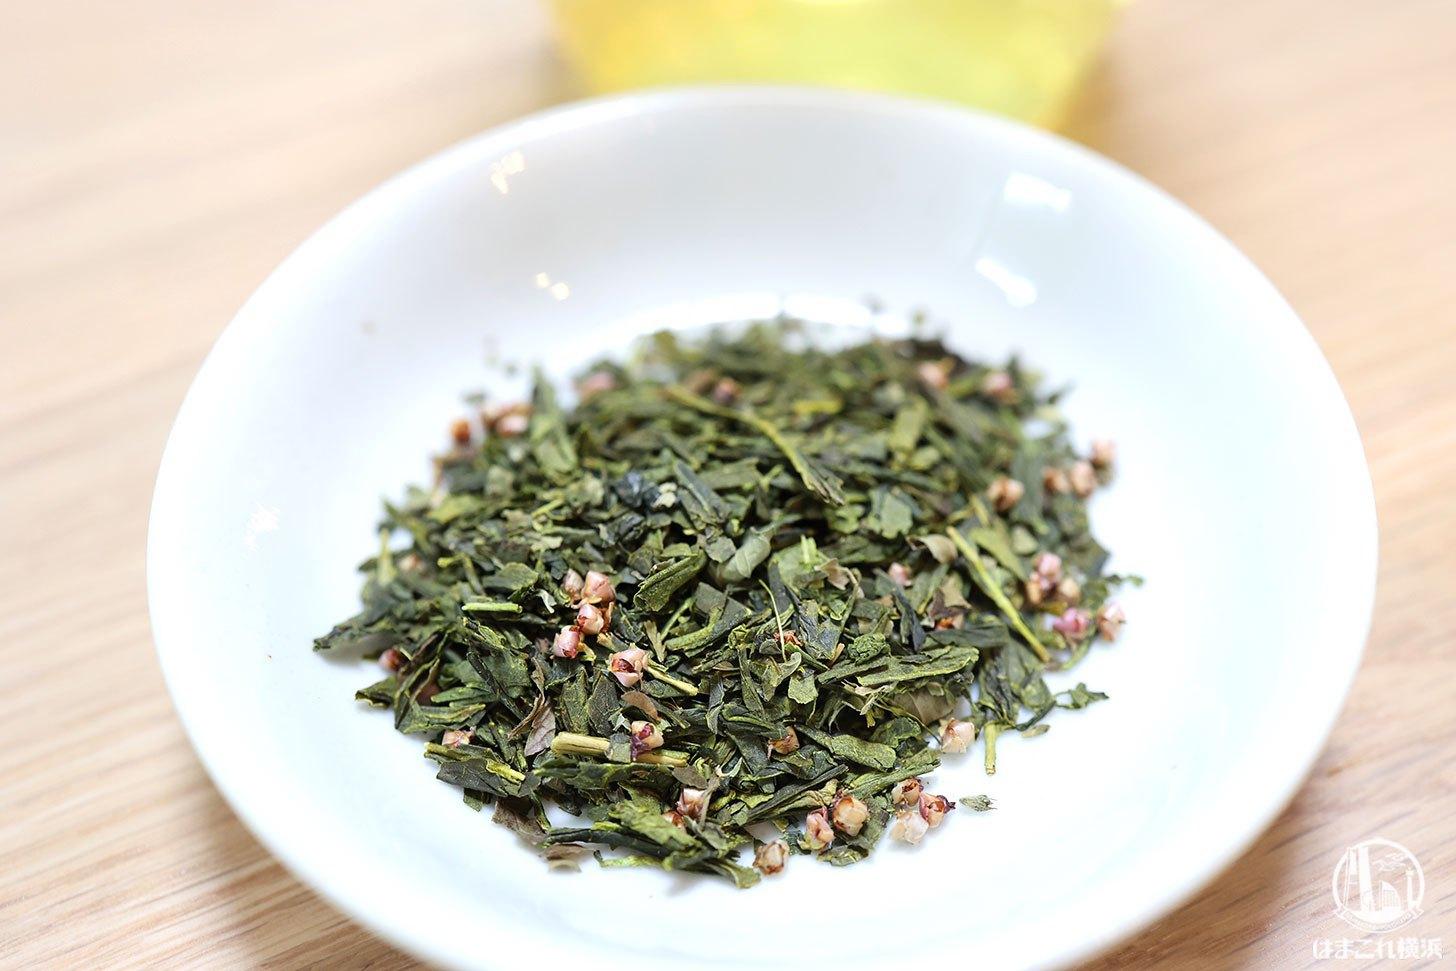 白桃の甘酸っぱい香りとまろやかな緑茶の味わいの茶葉